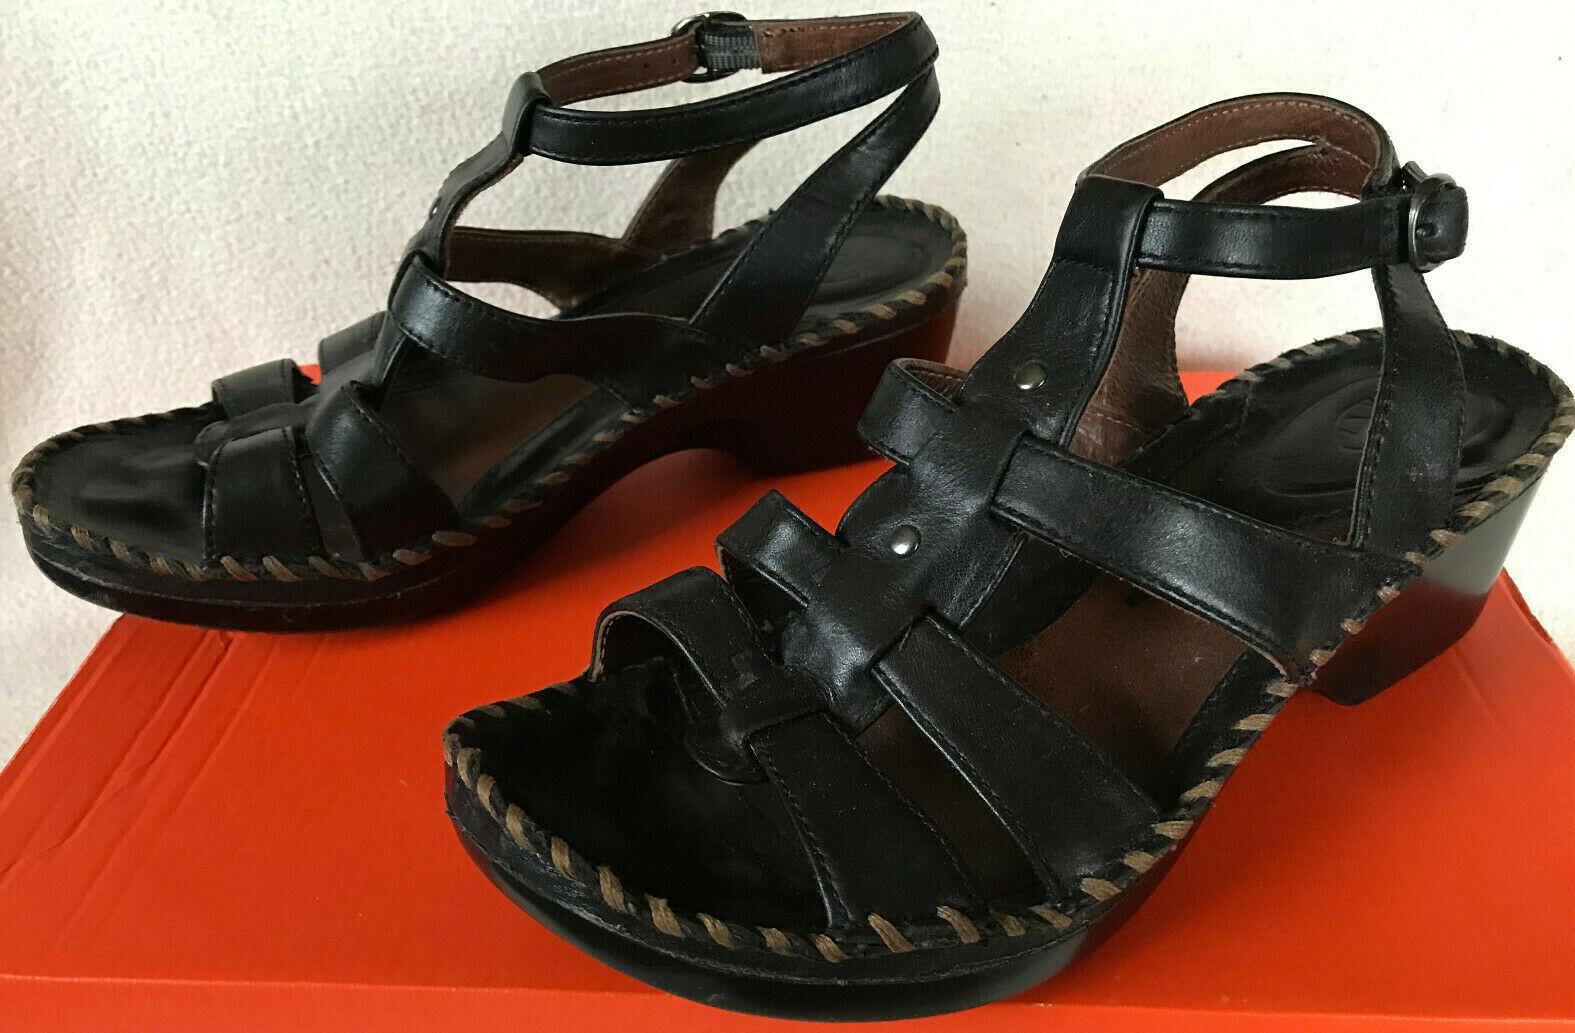 forniamo il meglio Ariat Miami Distressed 10007642 10007642 10007642 Dark Brn Cowboy Strap Sandals scarpe Donna  8.5  ti aspetto